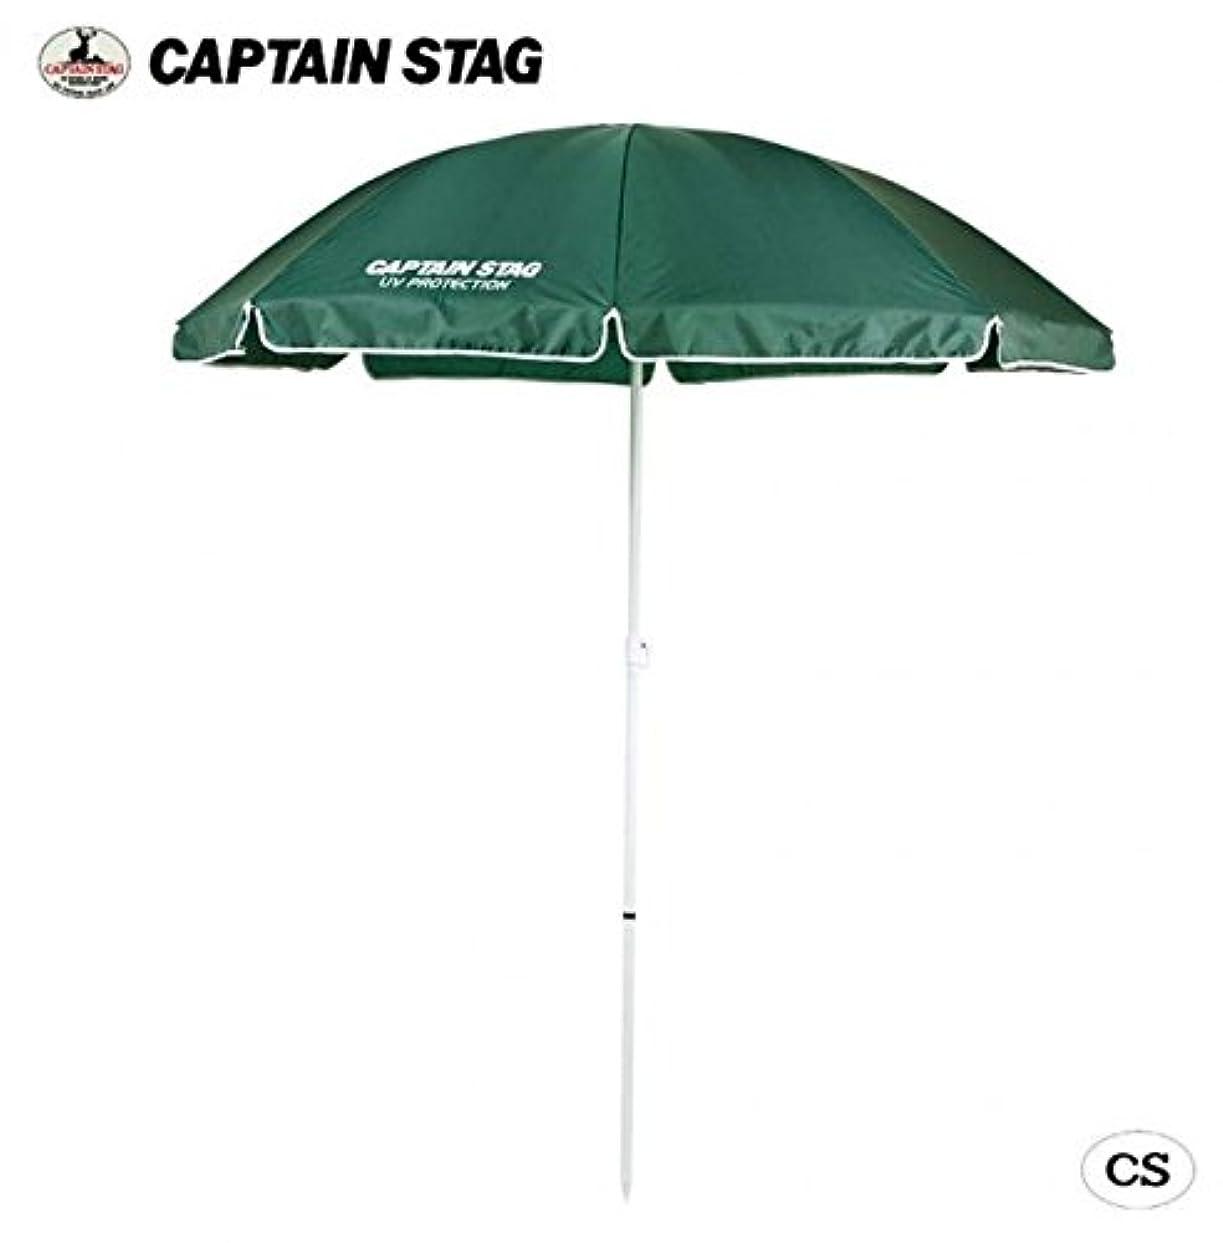 天国敏感な顕著CAPTAIN STAG マイバディー UVカットパラソル200cm (グリーン) M-1573